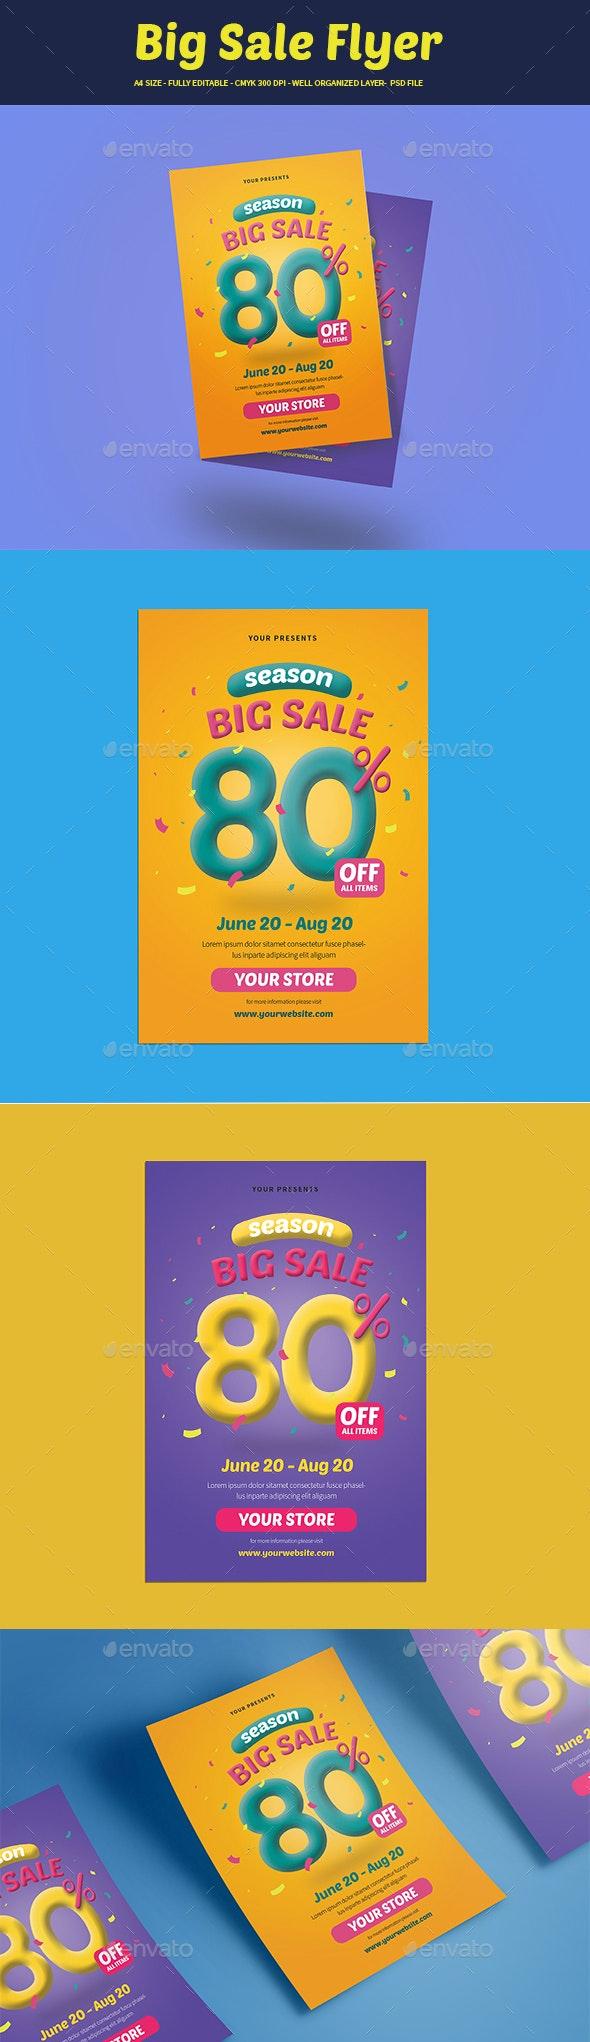 Big Sale Flyer - Flyers Print Templates